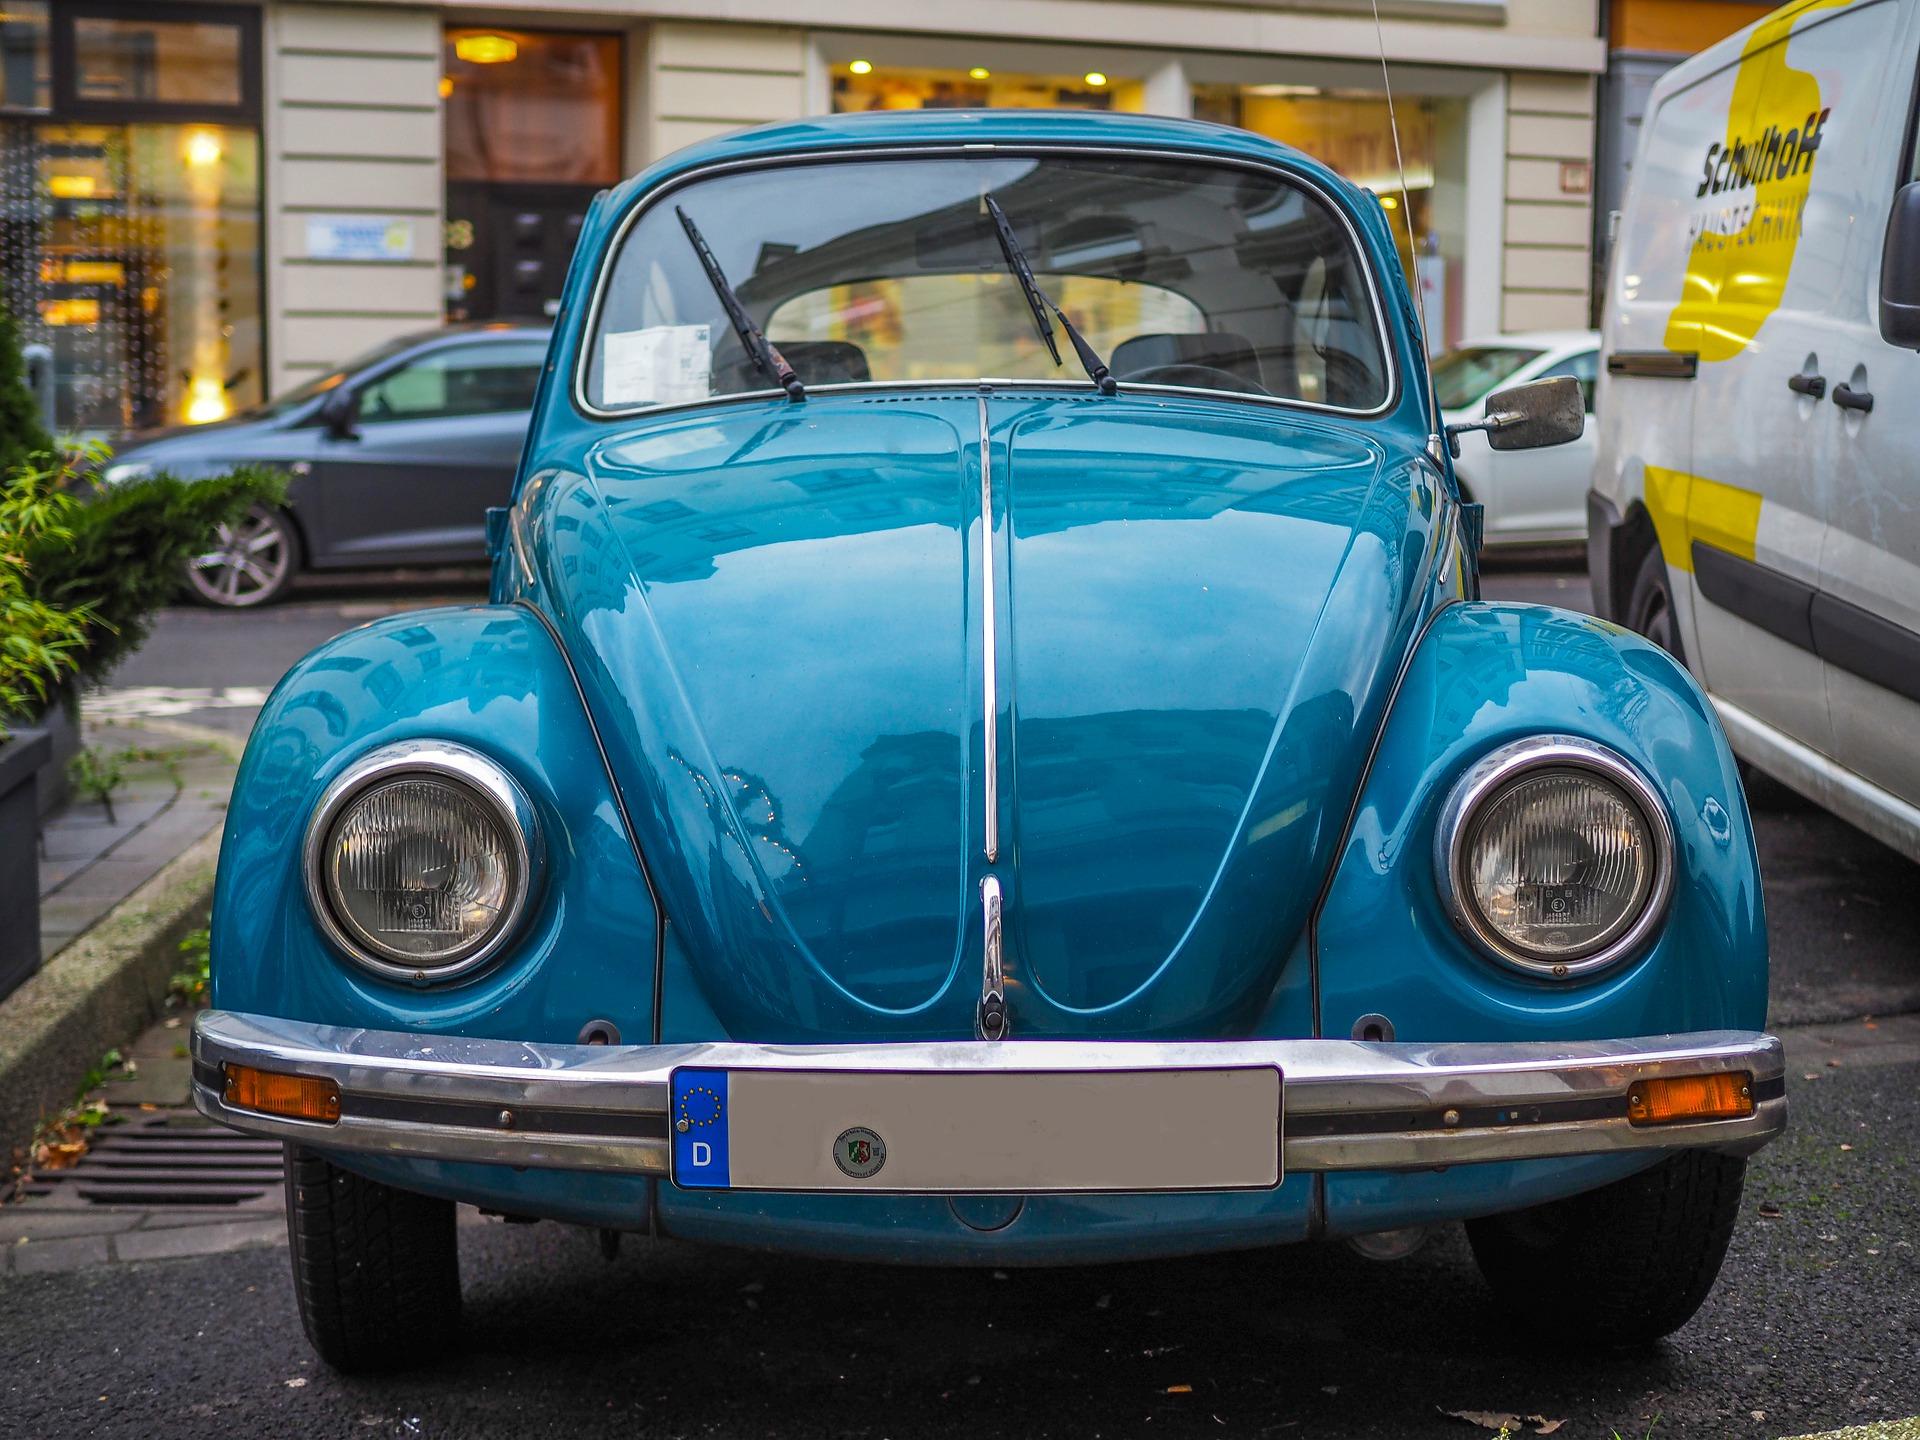 ZFE : Les voitures de collection sont autorisées à rouler dans le Grand Paris